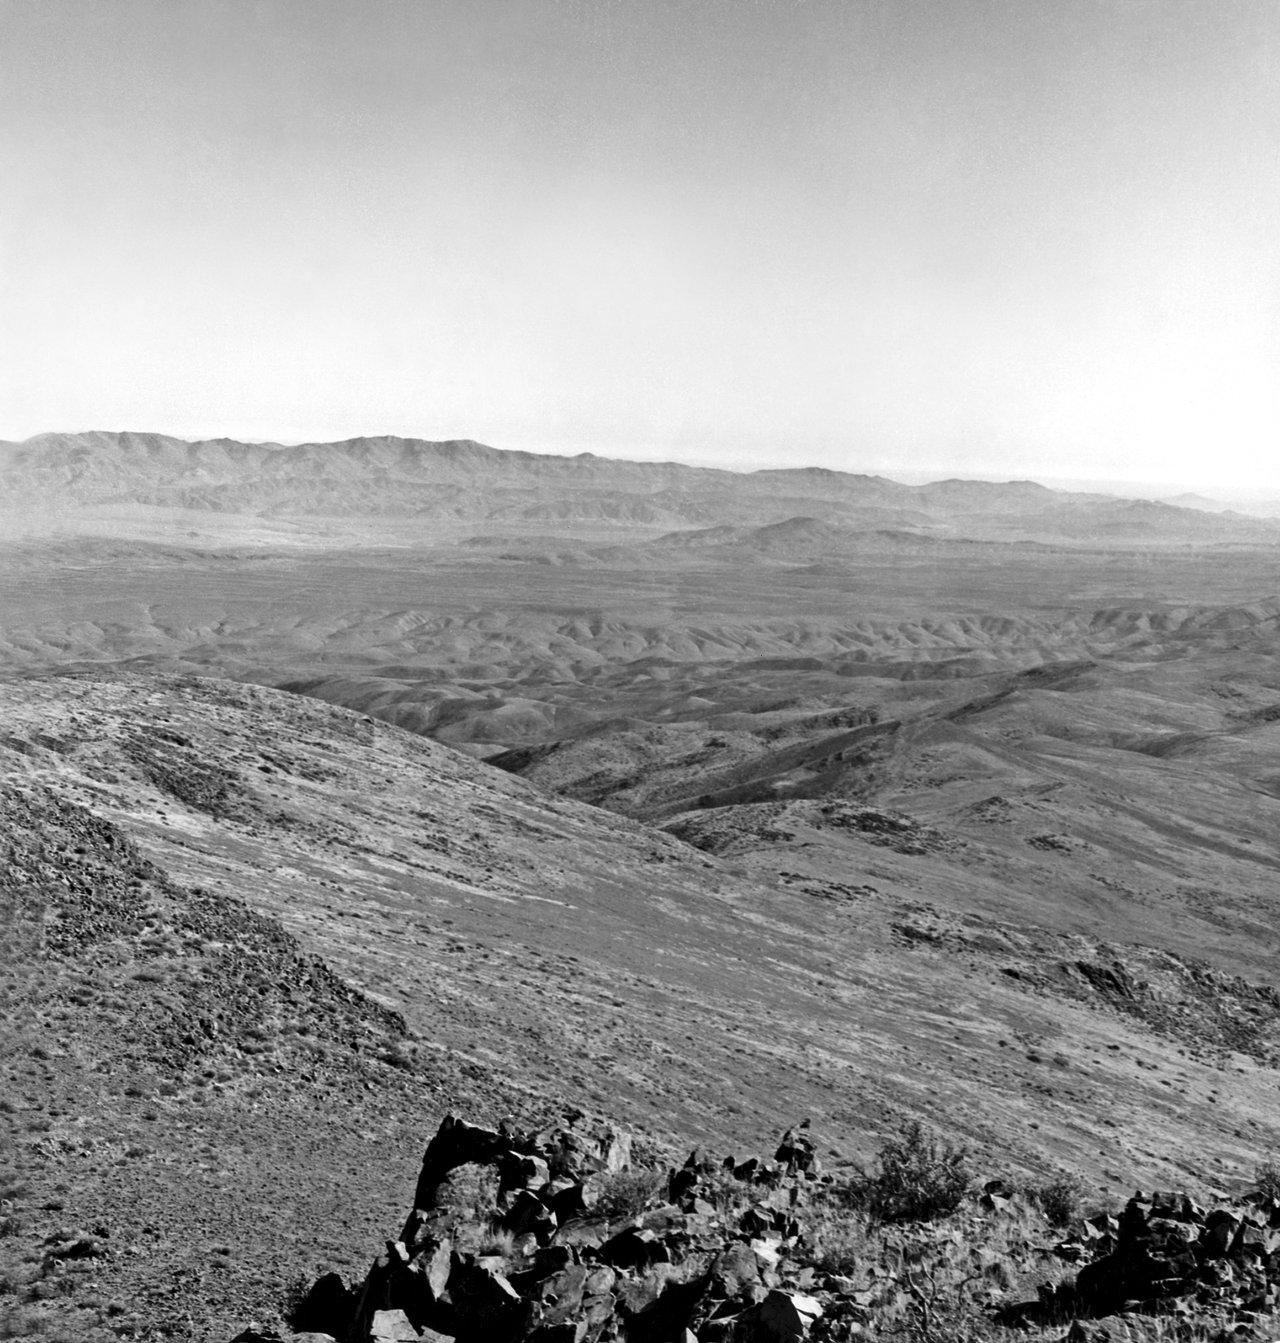 La Silla by air, 1964